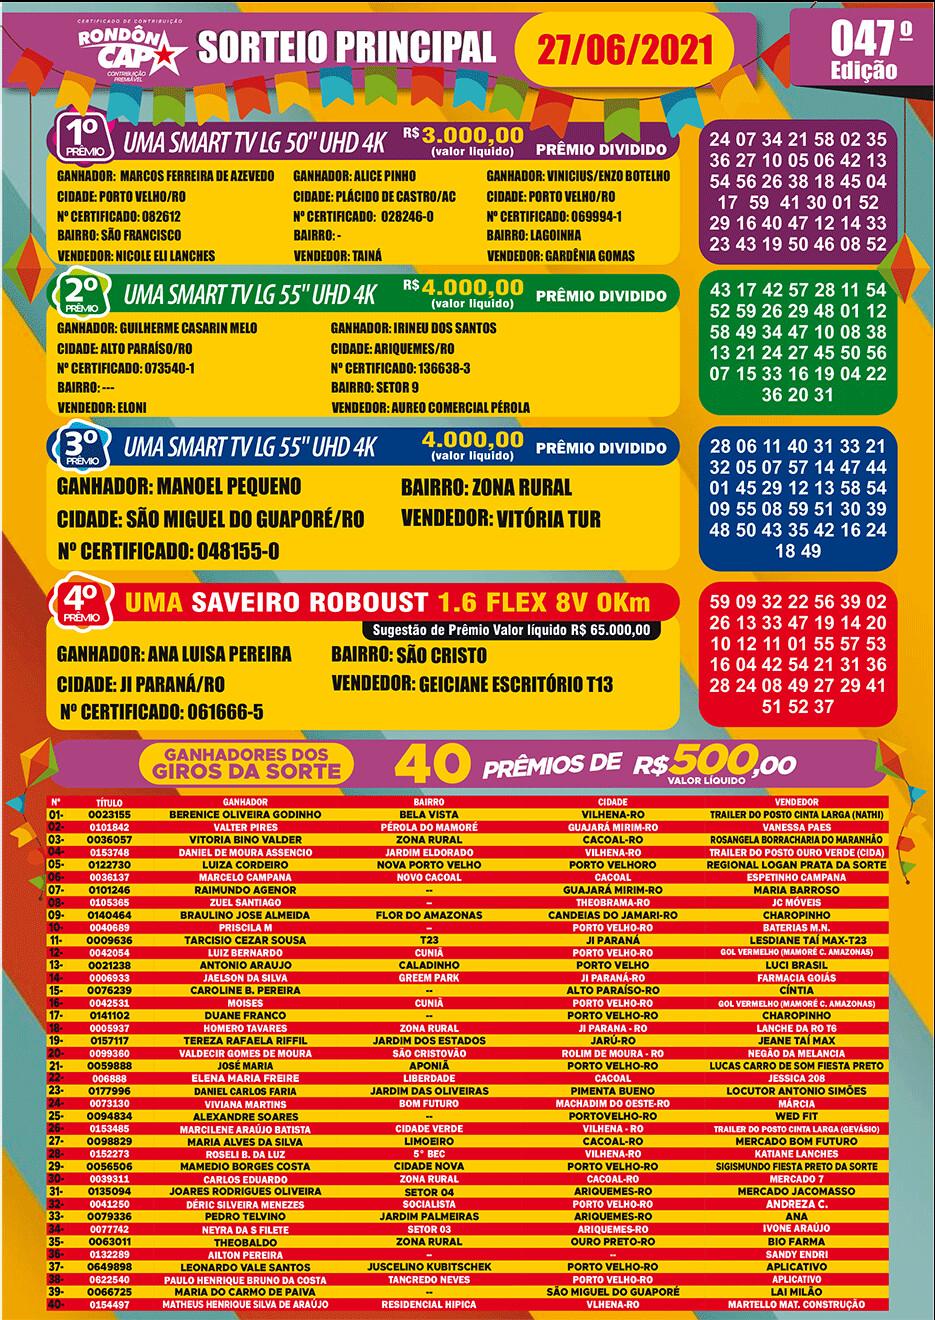 Confira os melhores momentos do sorteio do Rondoncap deste domingo, dia 27; veja a premiação desta semana